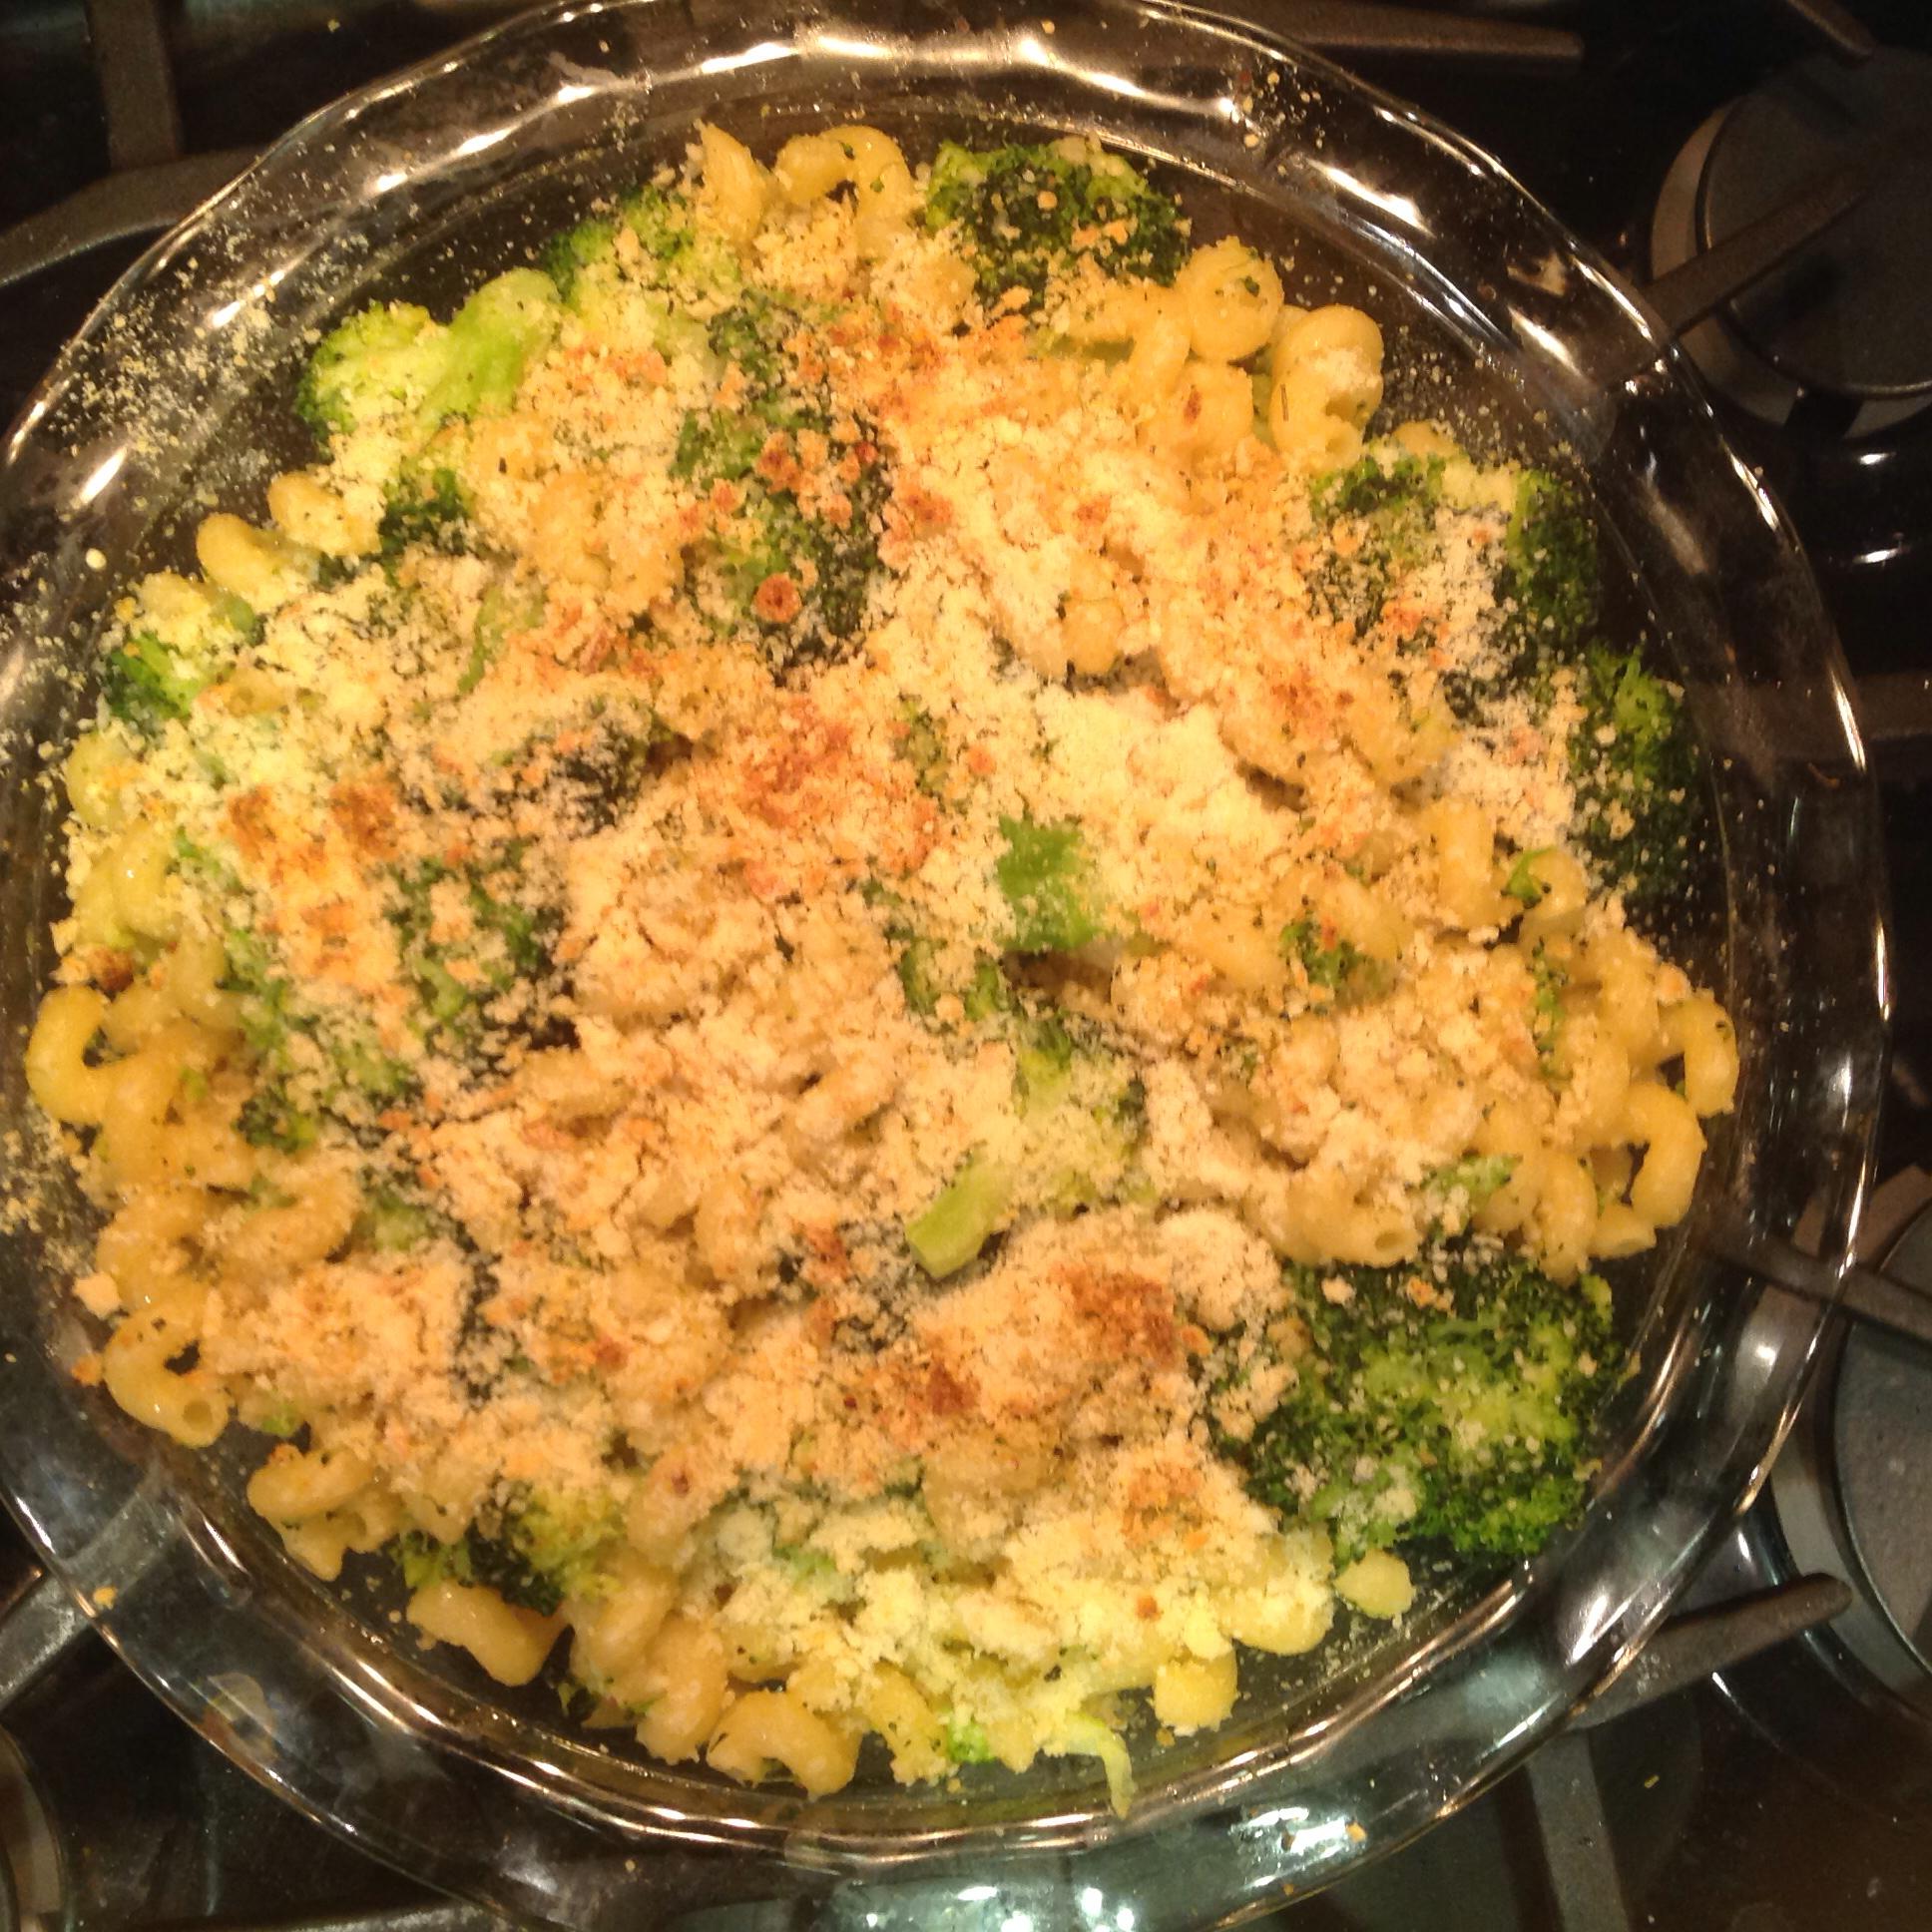 Orecchiette and Broccoli Crisp Lisa M.